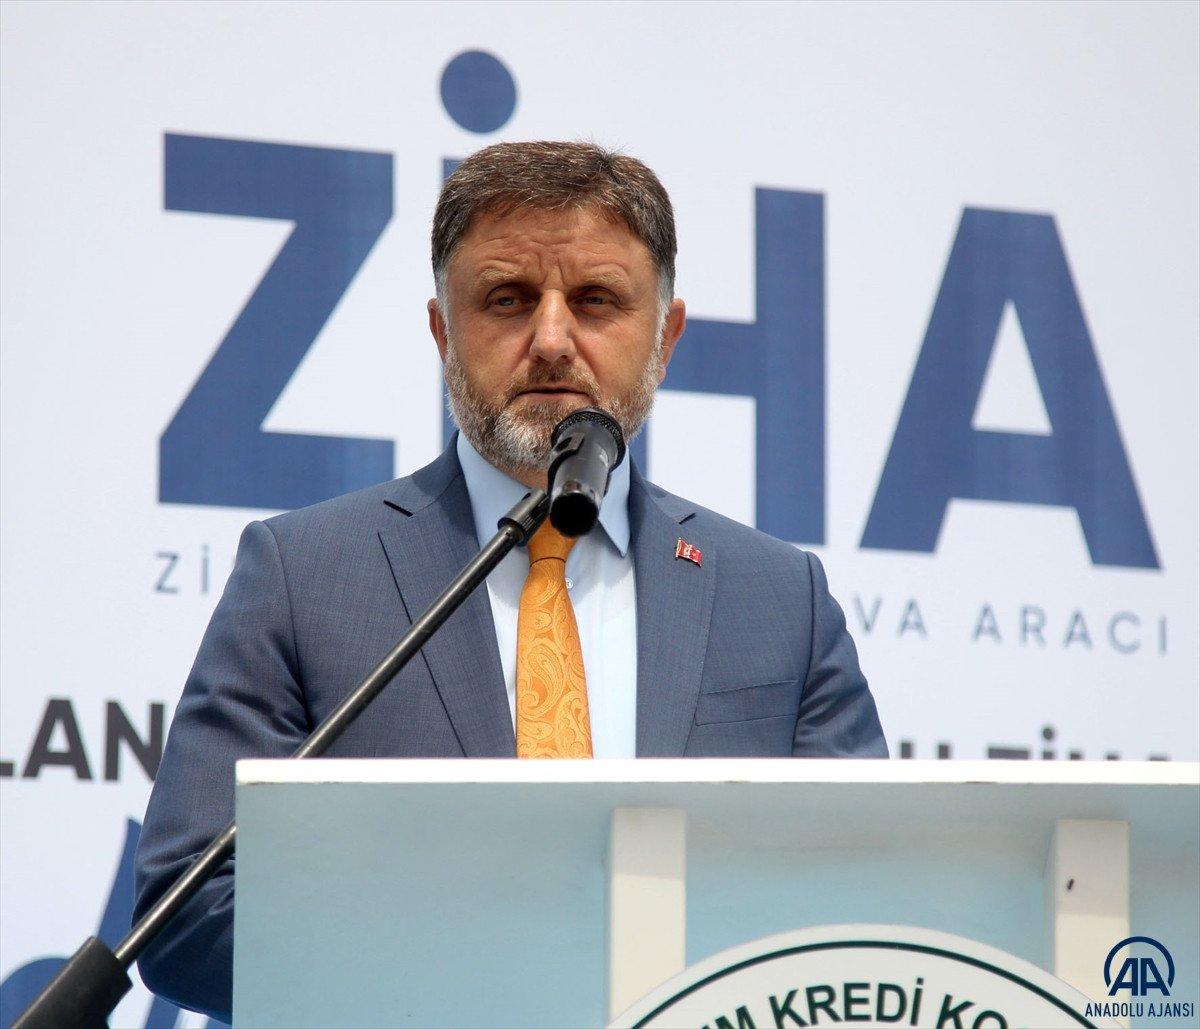 Türkiye de ilk kez ZİHA larla çoklu uçuş ilaçlama denemesi yapıldı #8